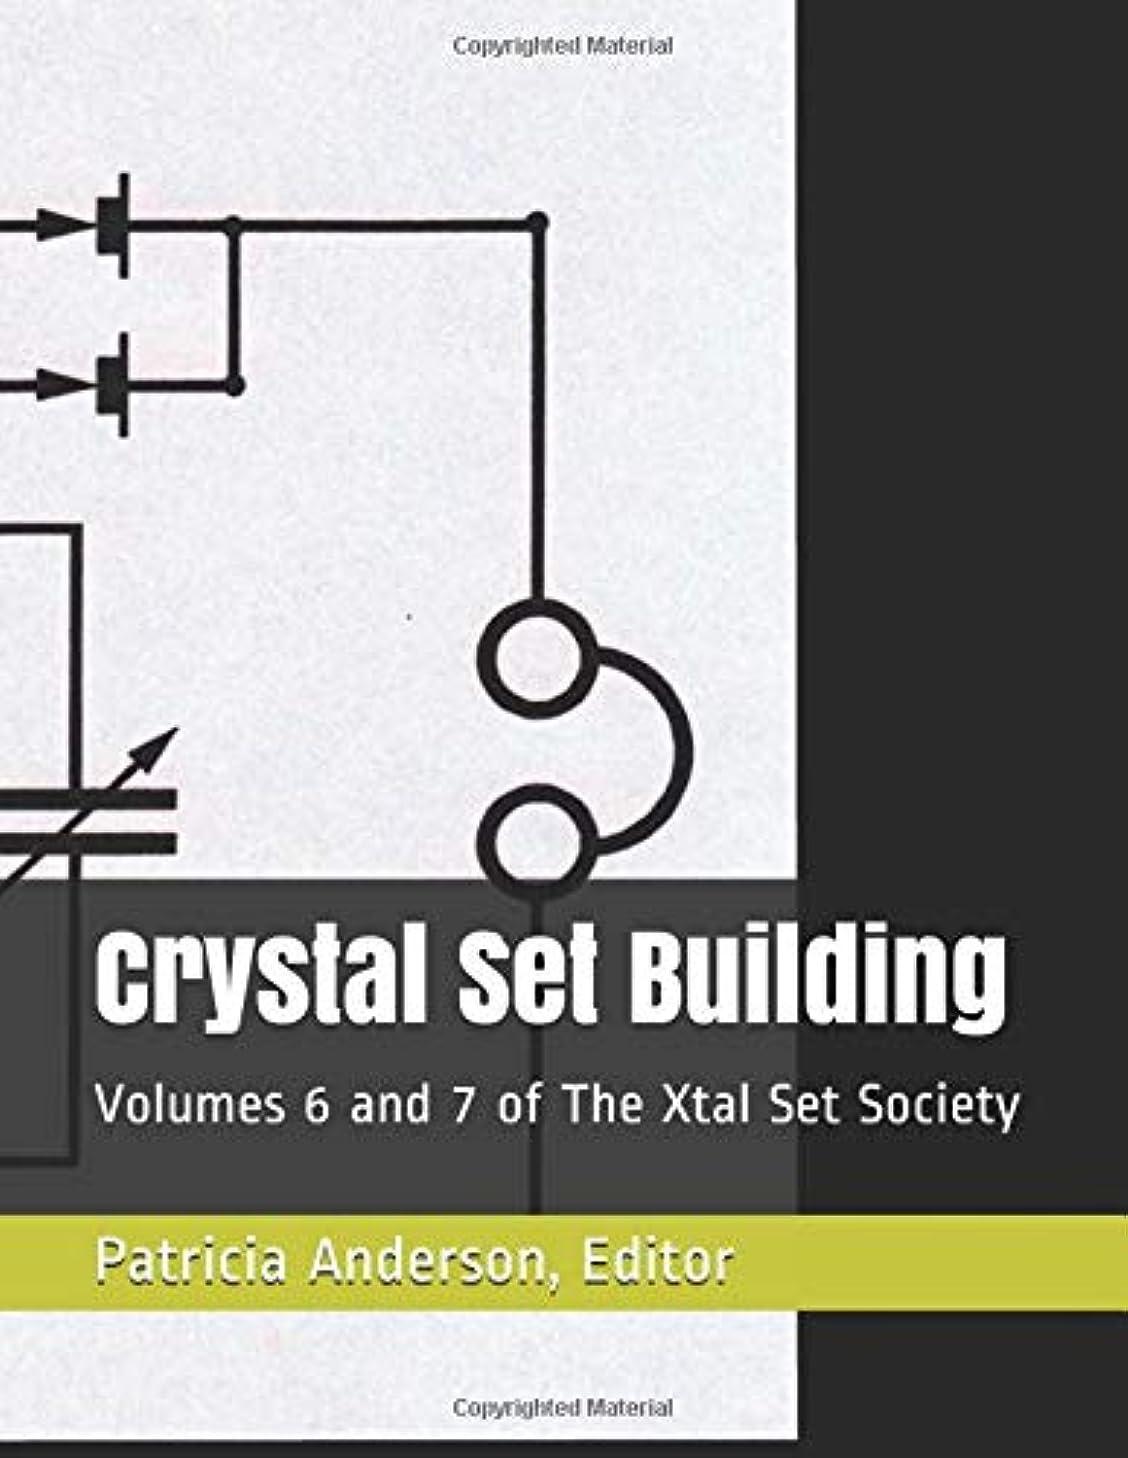 擬人化軽減一次Crystal Set Building: Volumes 6 and 7 of The Xtal Set Society